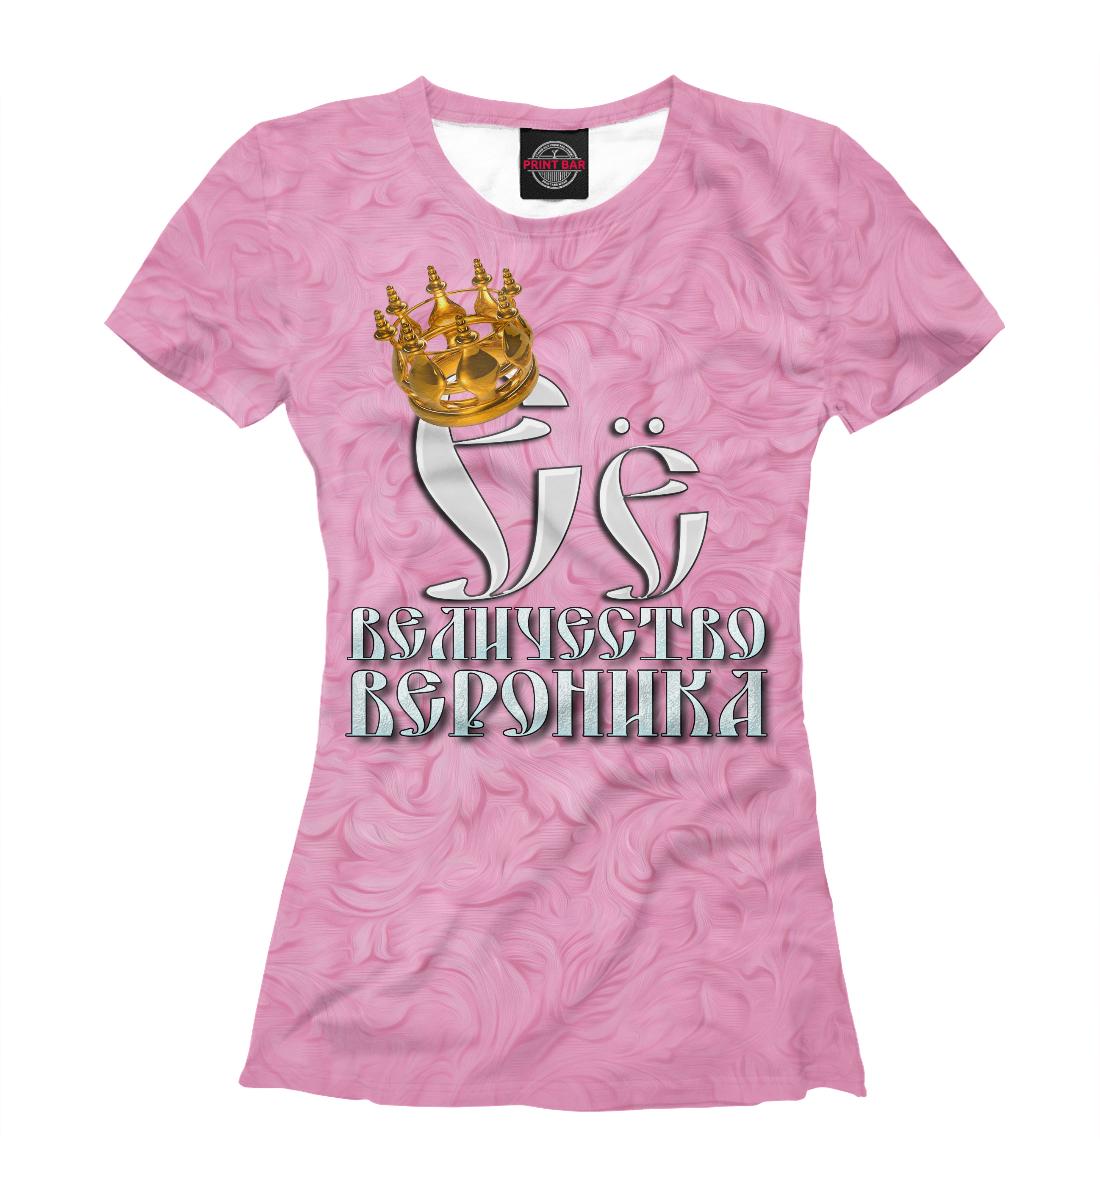 Купить Её величество Вероника, Printbar, Футболки, VER-204579-fut-1